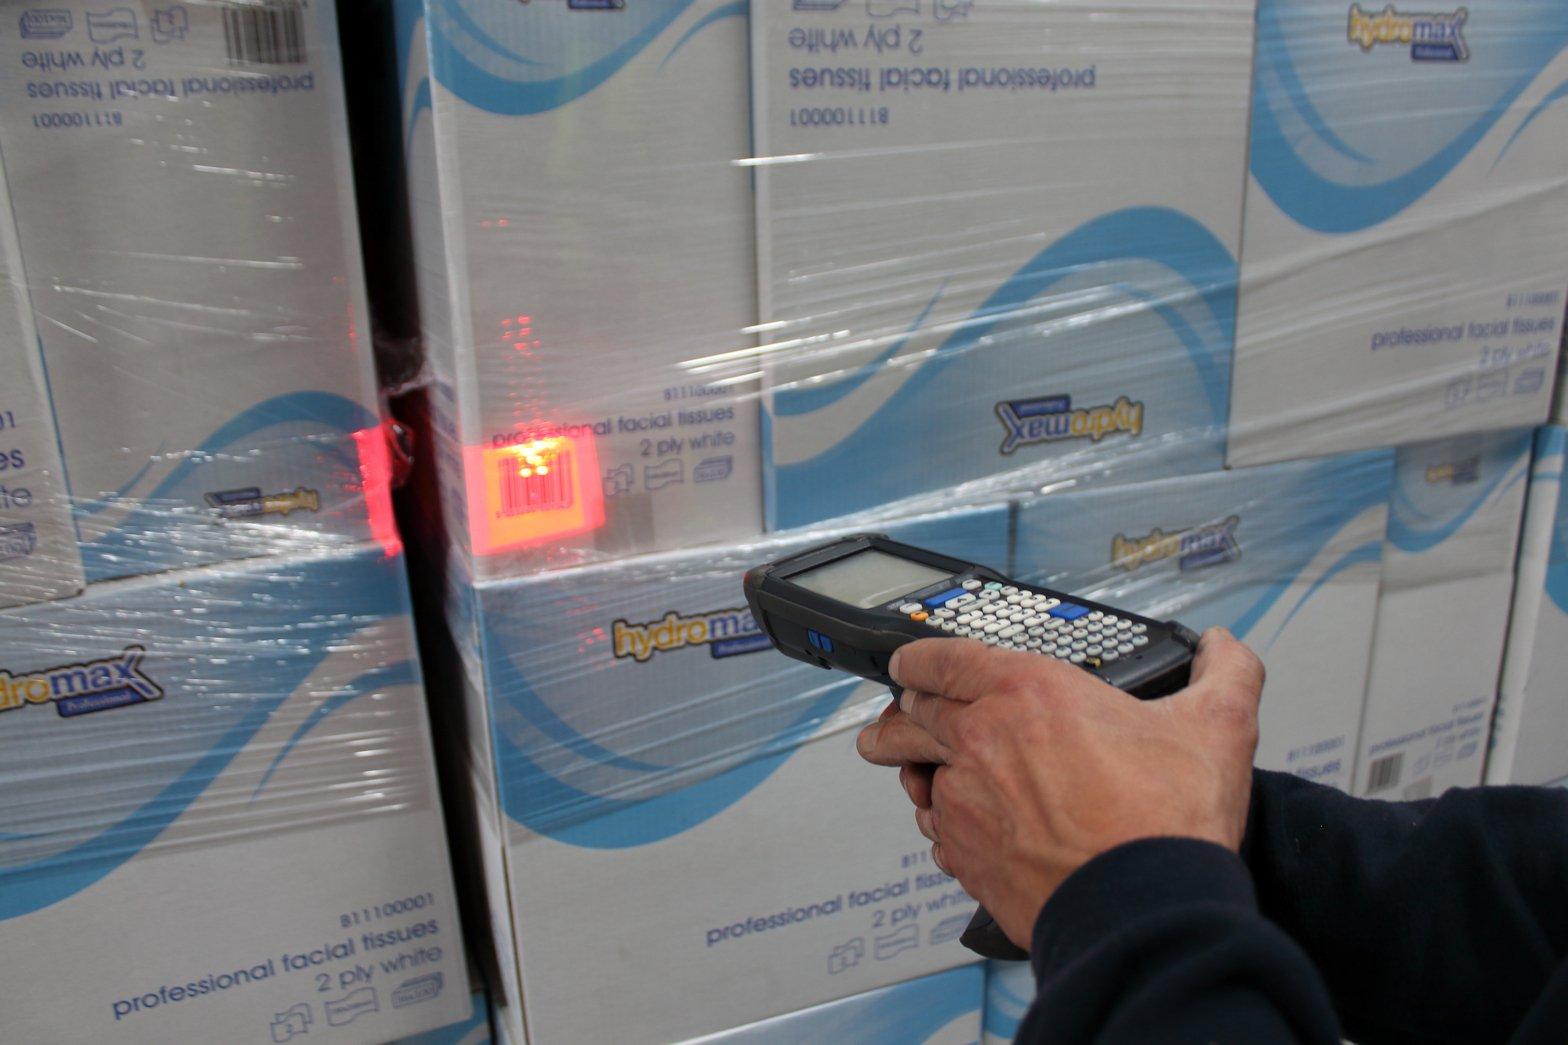 Allied Hygiene   NetSuite   RF-SMART